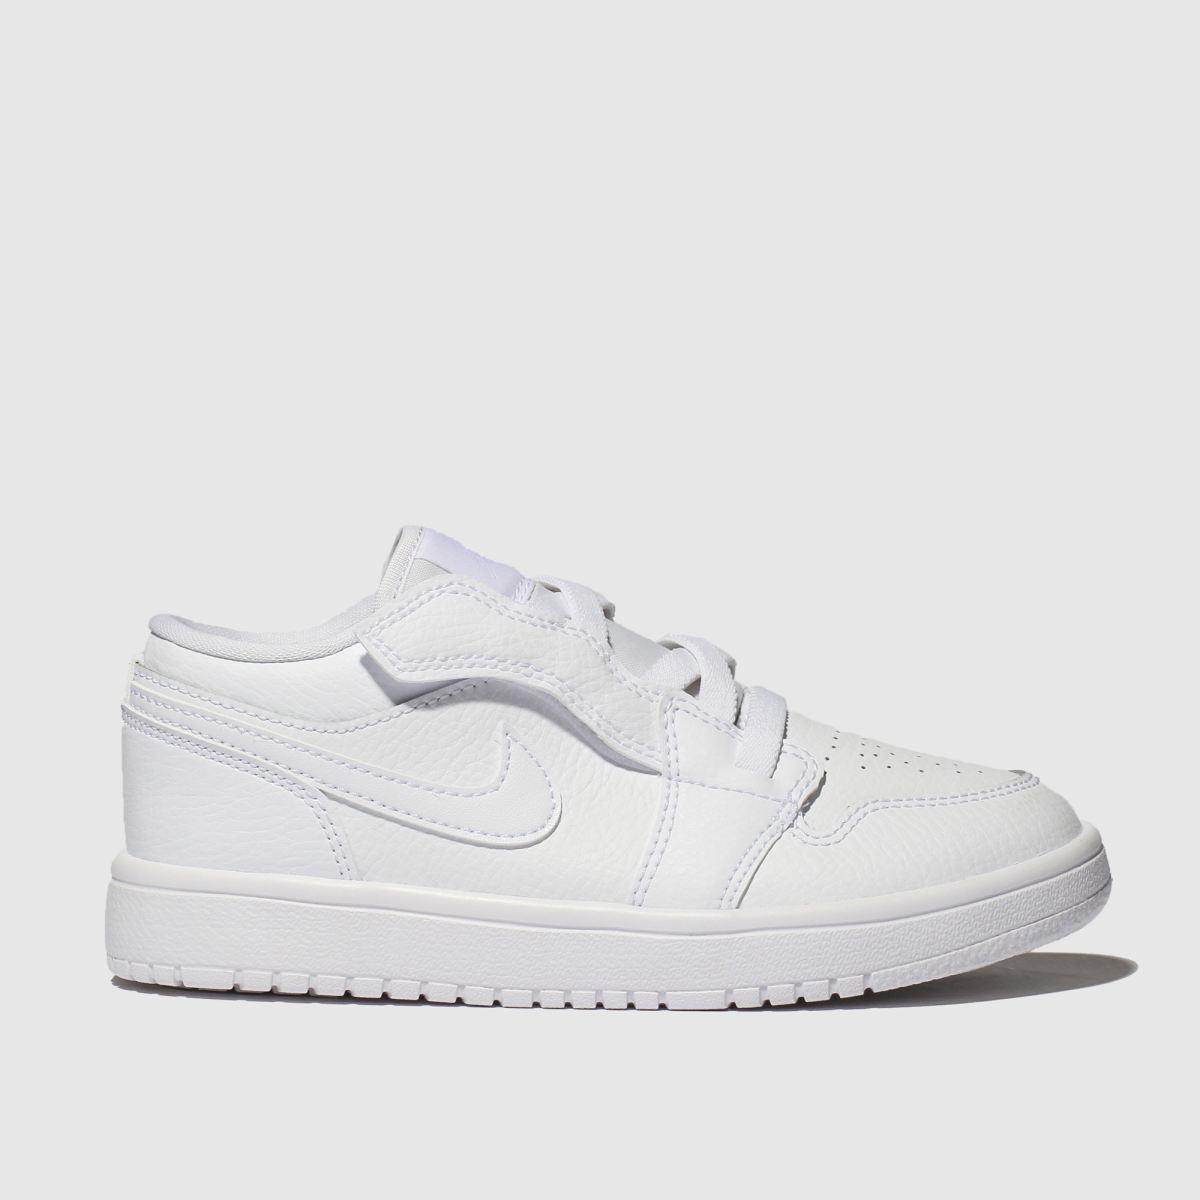 Nike Jordan White 1 Low Trainers Junior